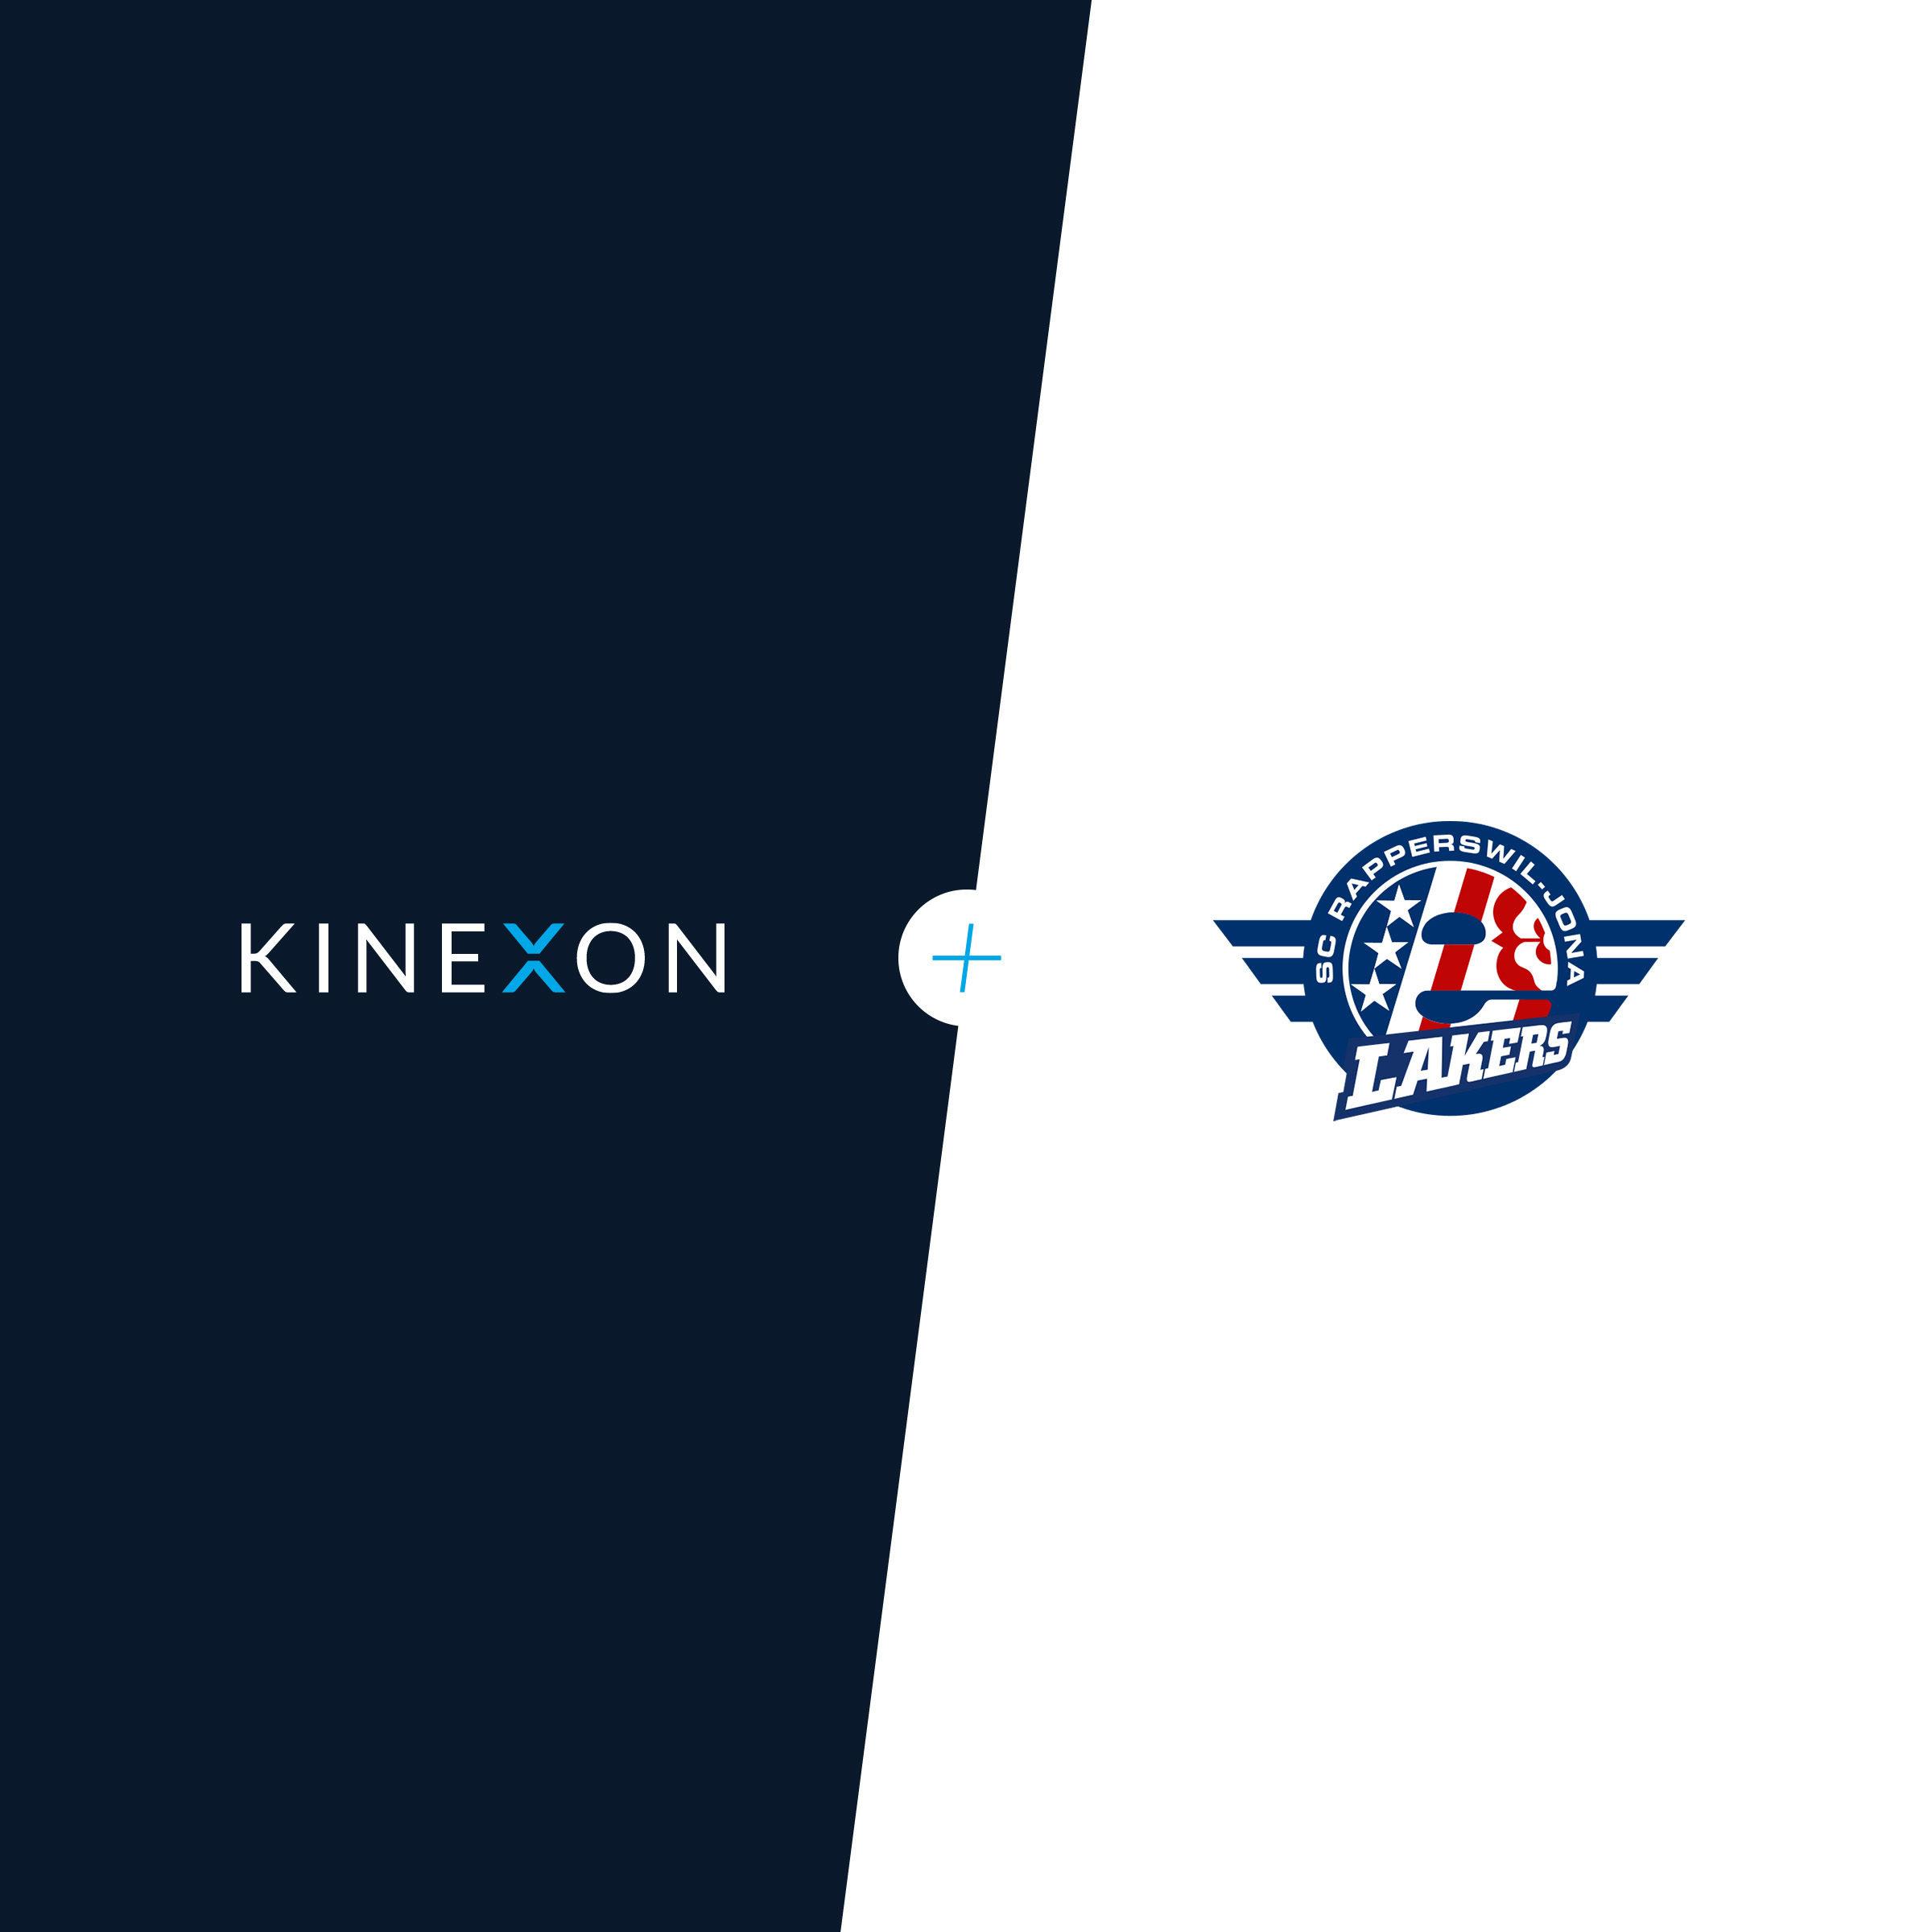 KINEXON Lakers thumbnail